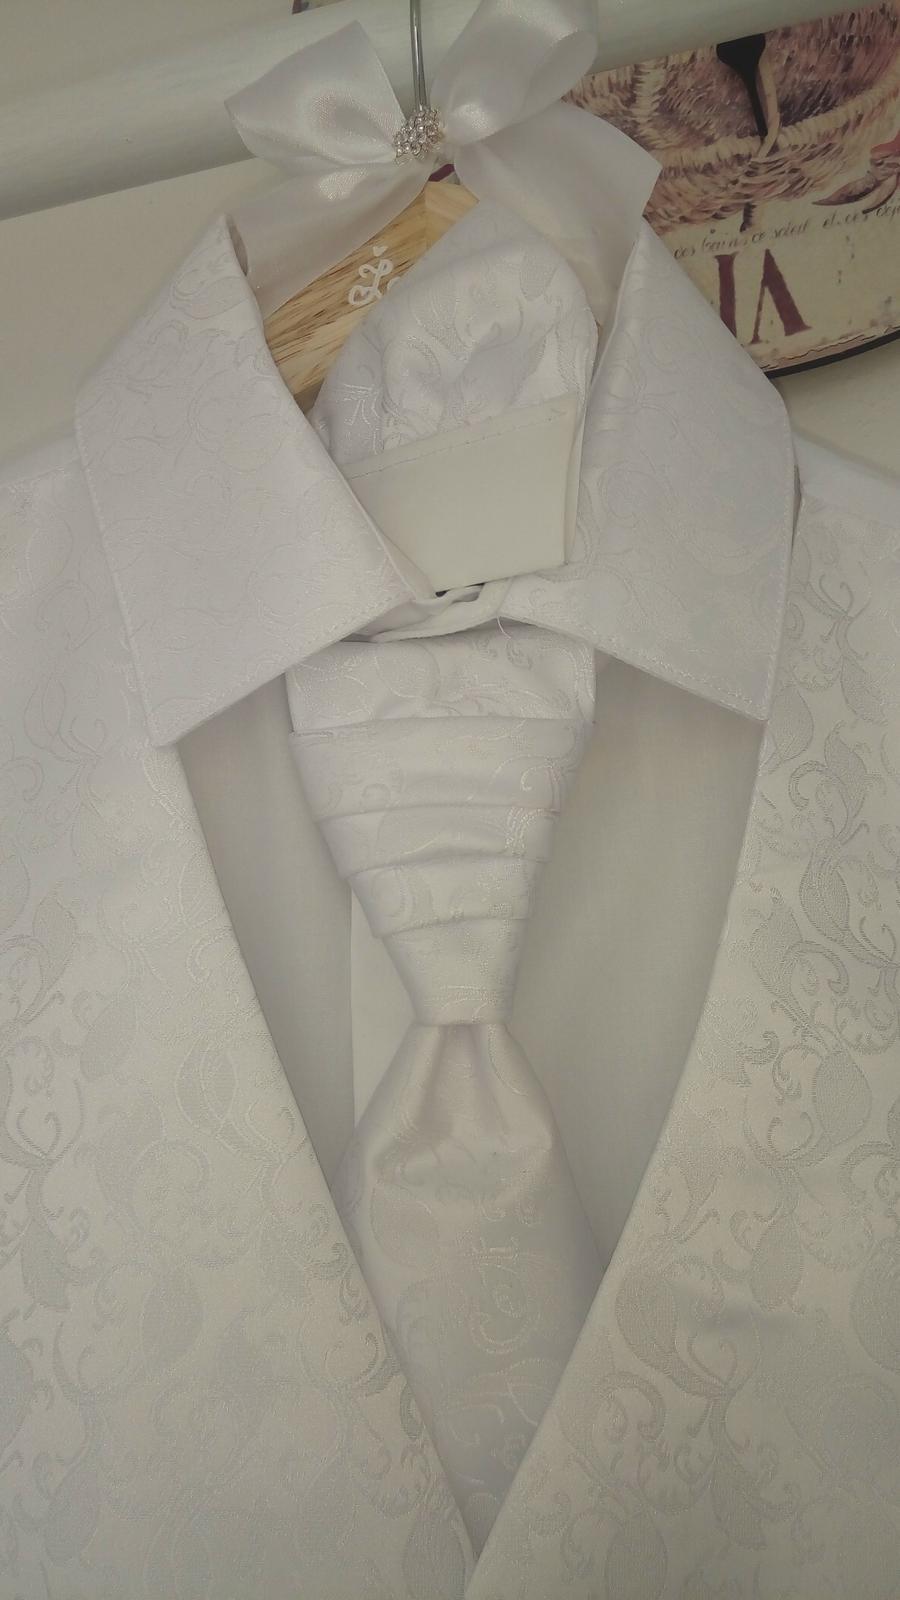 Svadobná košeľa, vestička s vreckovkou značky ADAM - Obrázok č. 4